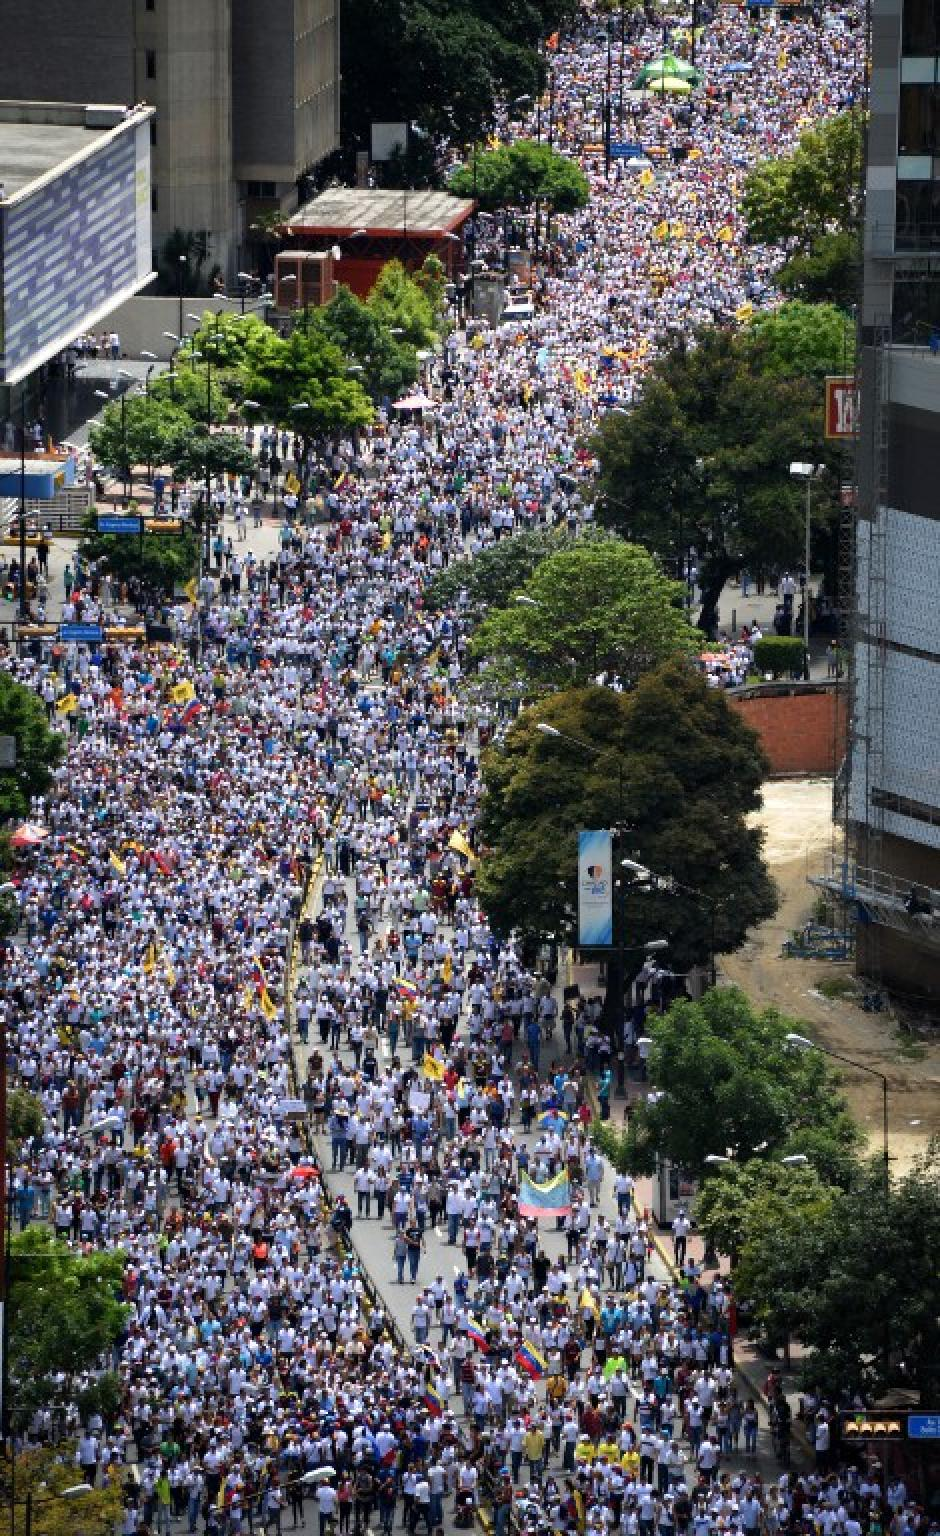 La marcha reunió a miles de personas en Caracas. (Foto: AFP)